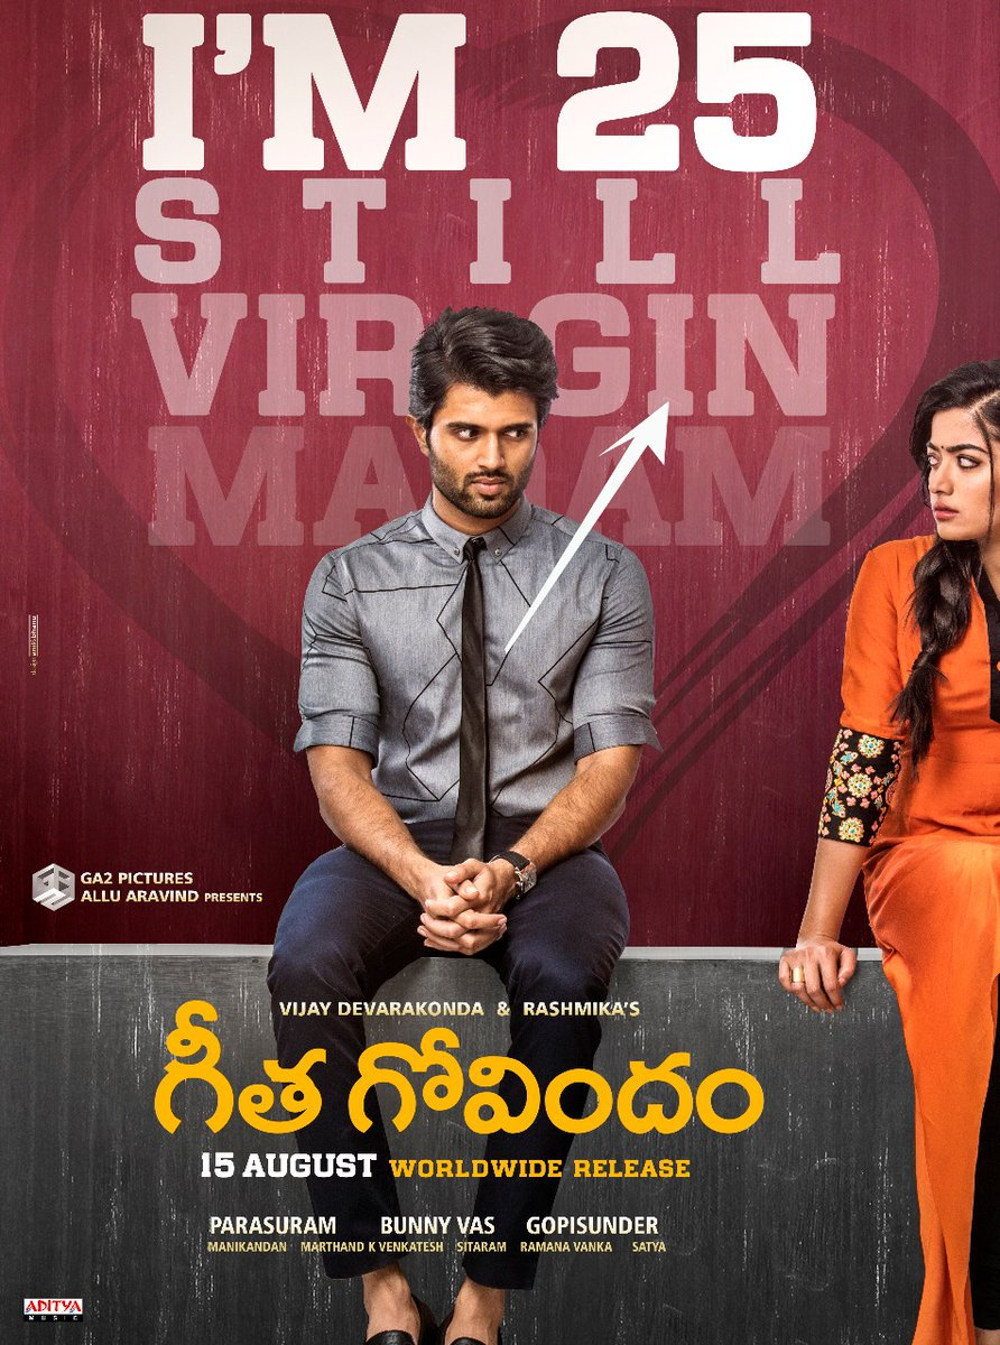 Vijay Devarakonda Rashmika Mandanna Geetha Govindam Movie Release on 15 August